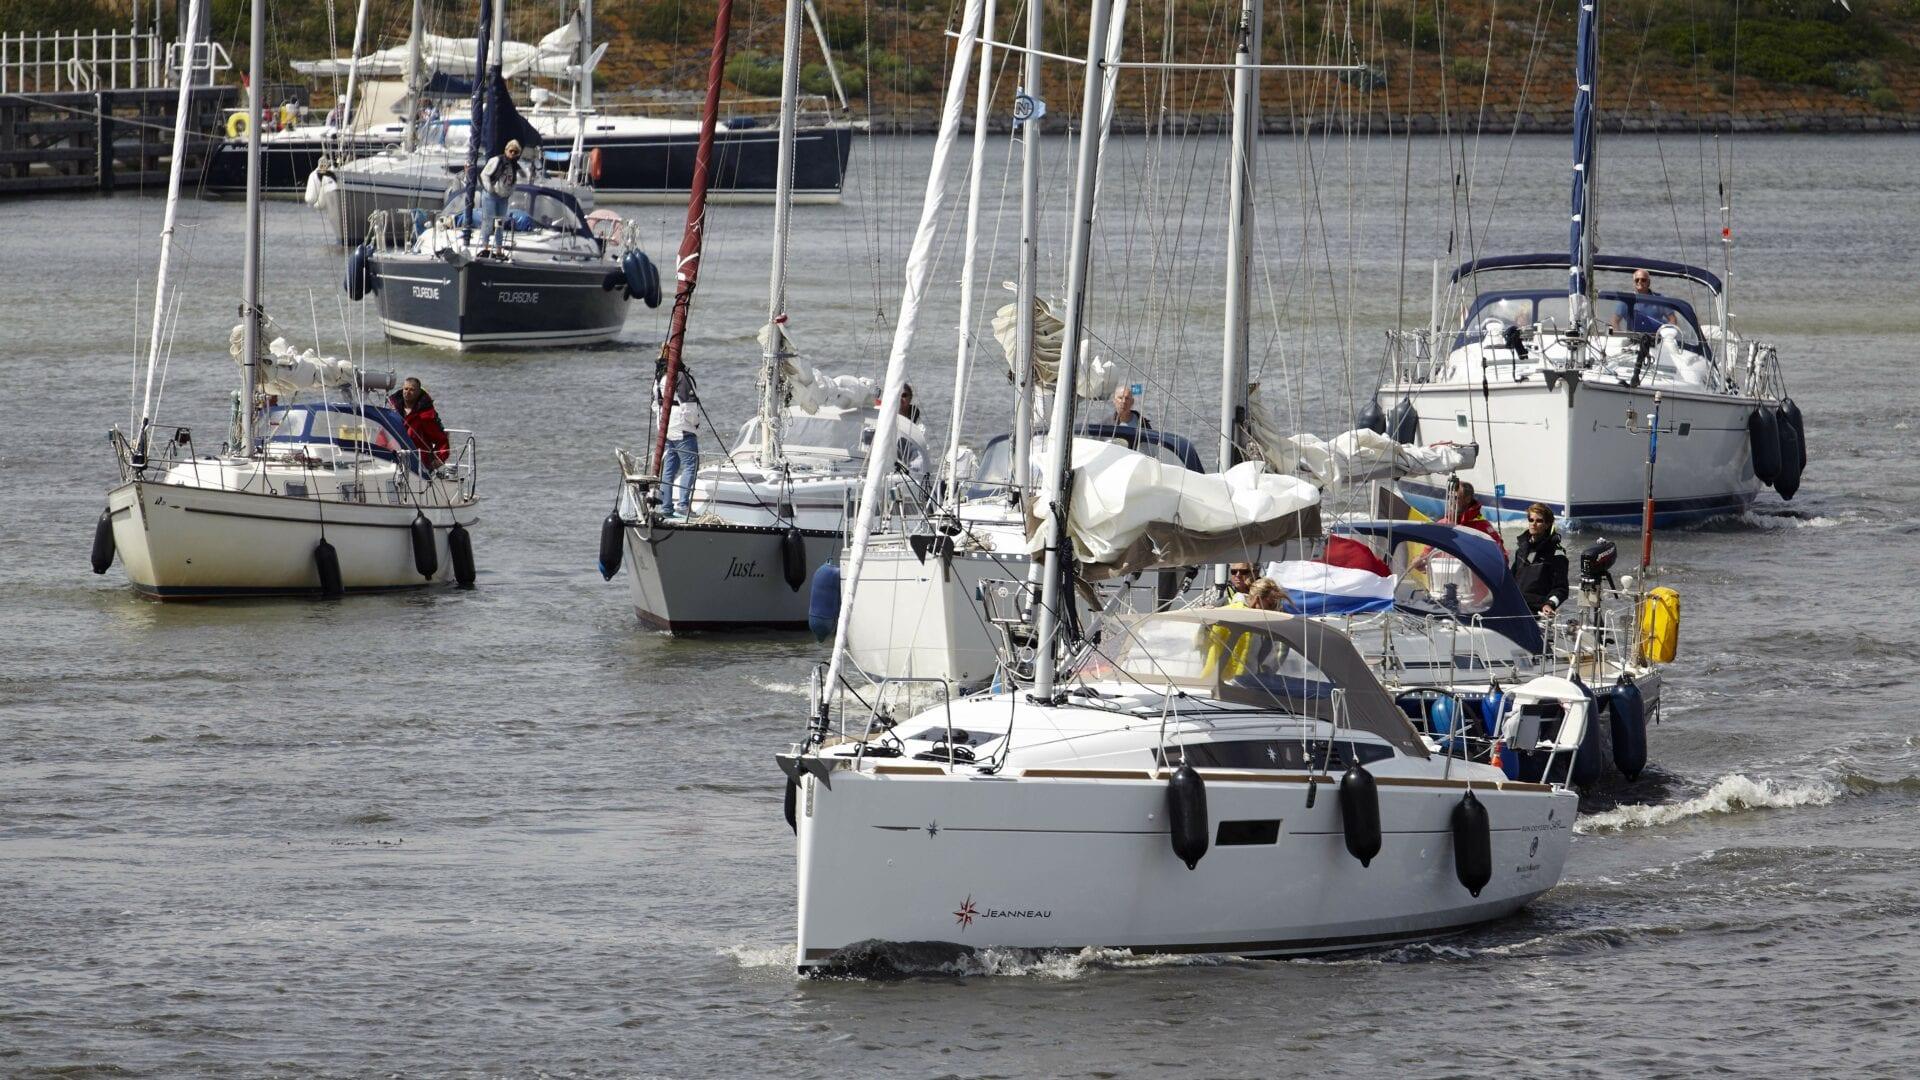 Bootjes die bij Kornwerderzand varen. Het zijn witte zeilboten die in het water liggen.